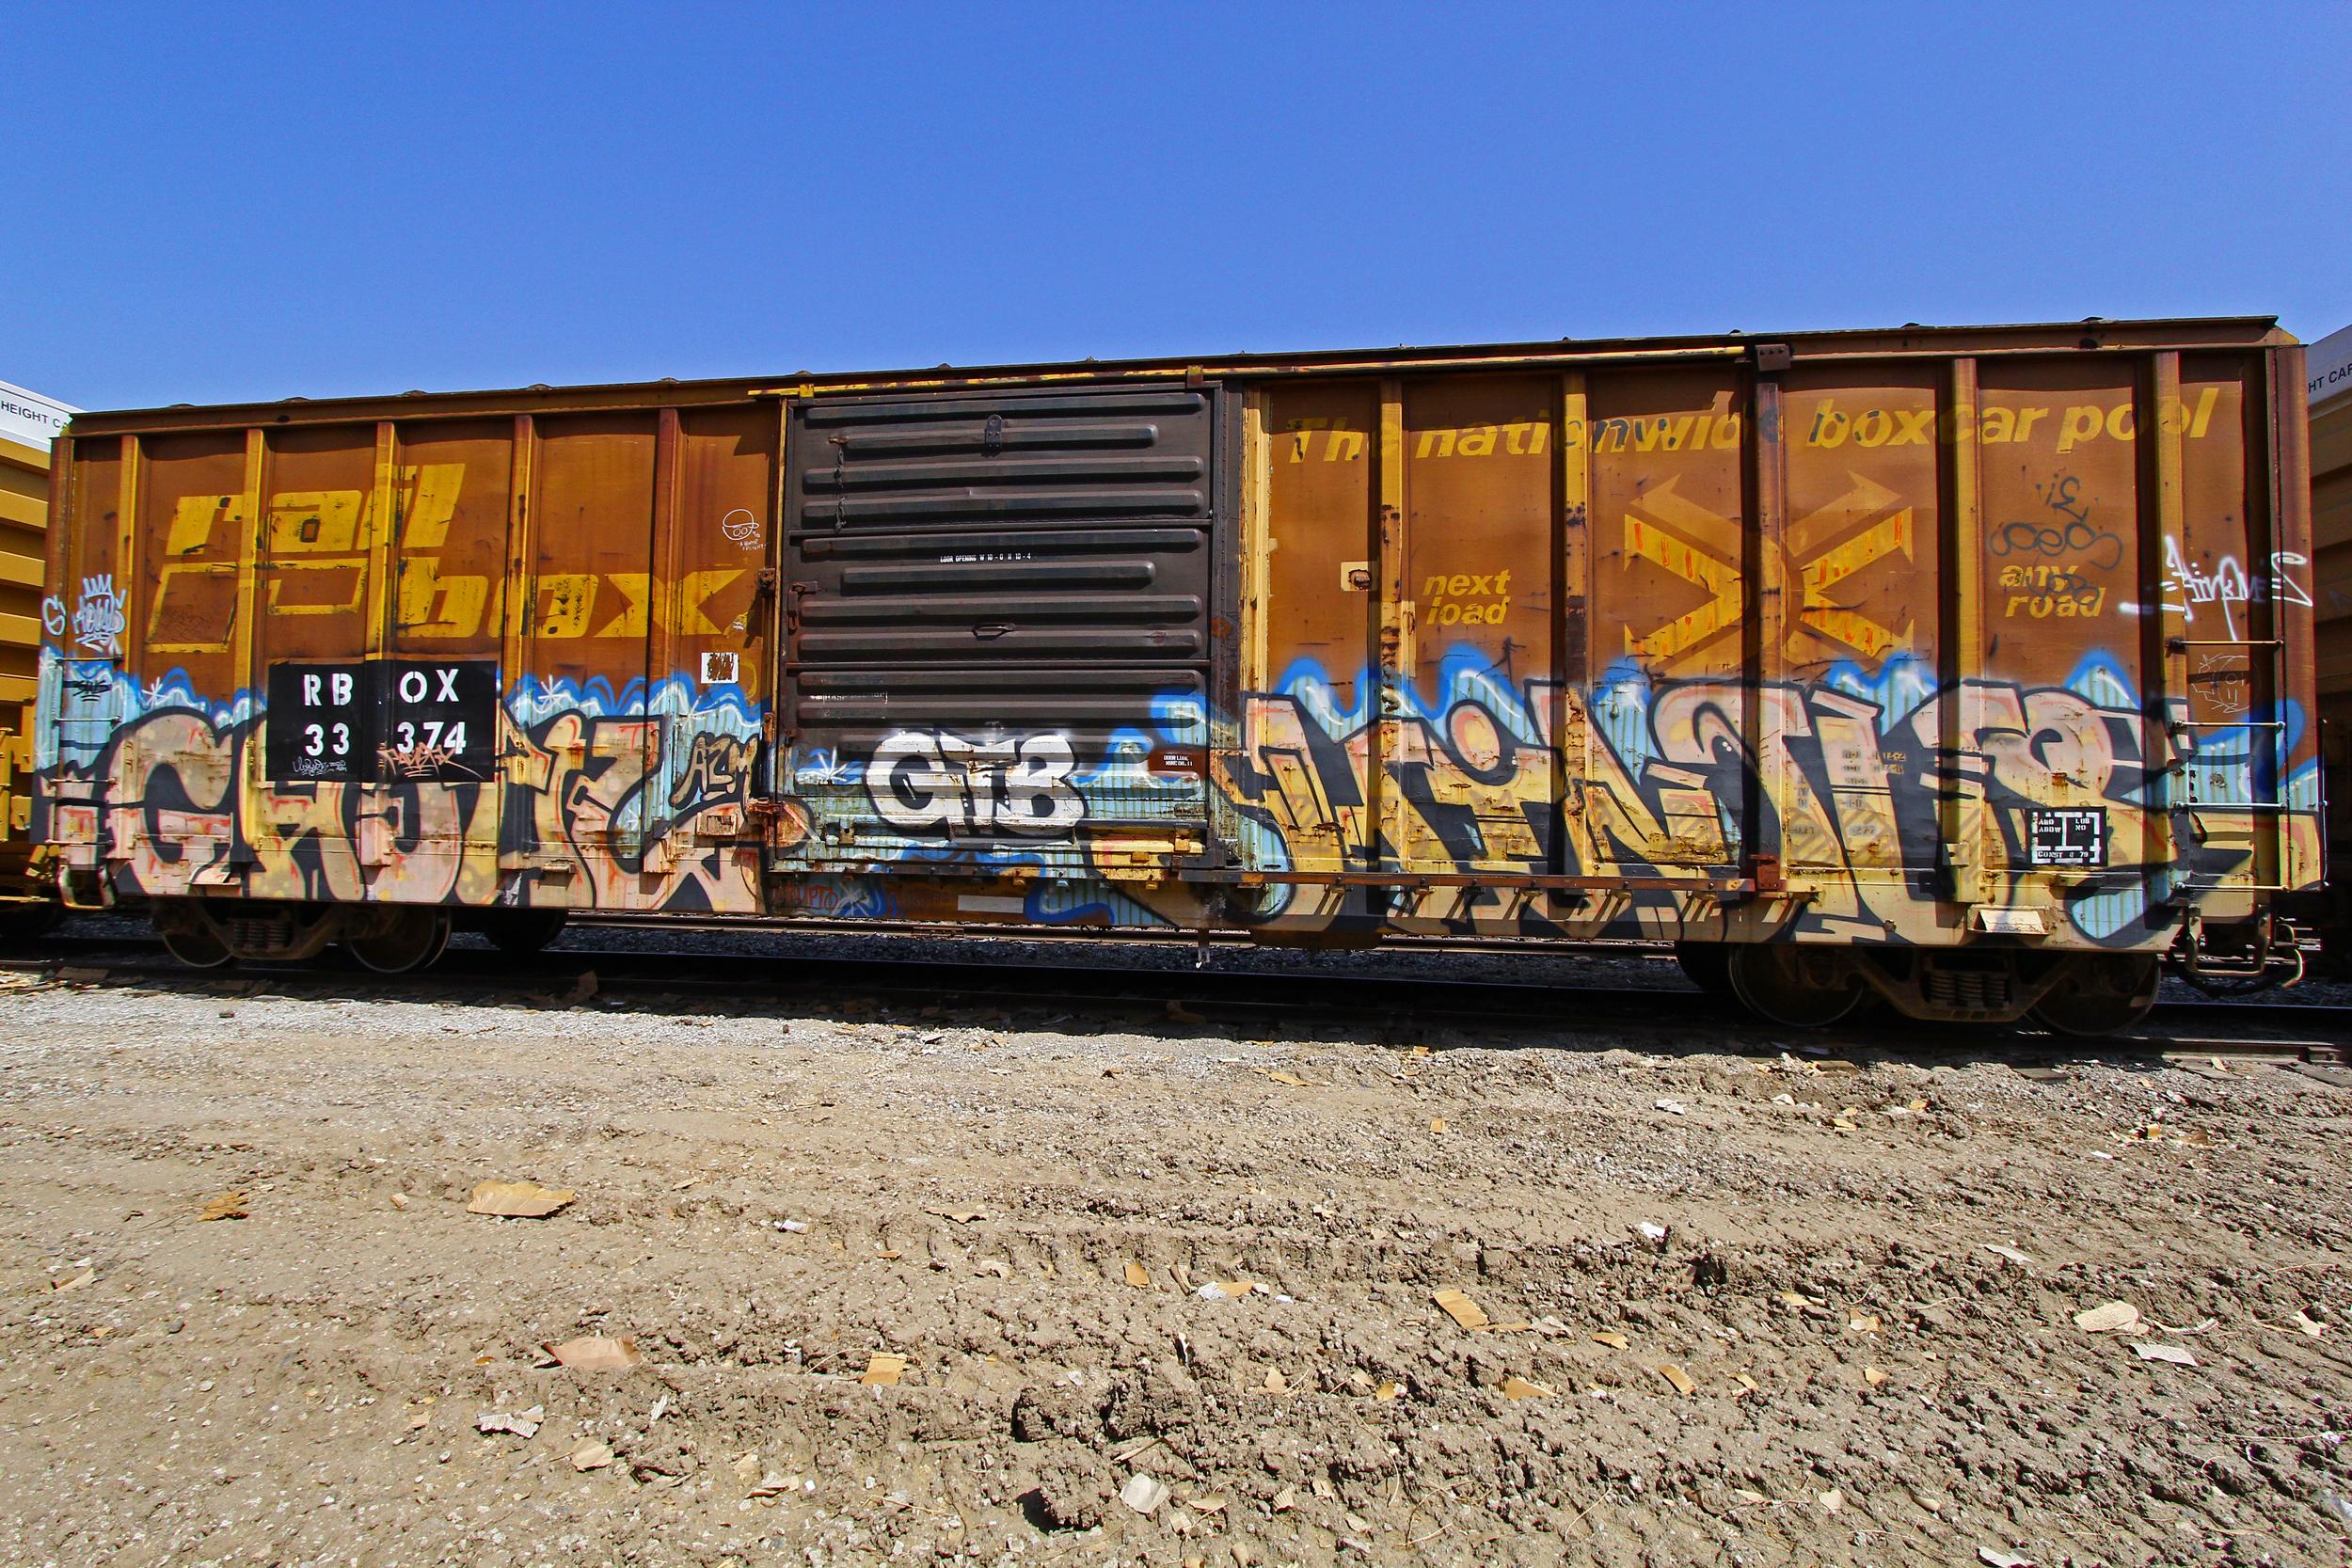 Masaustu Arac Tren Bank Duvar Yazisi Tekerlekler Izler